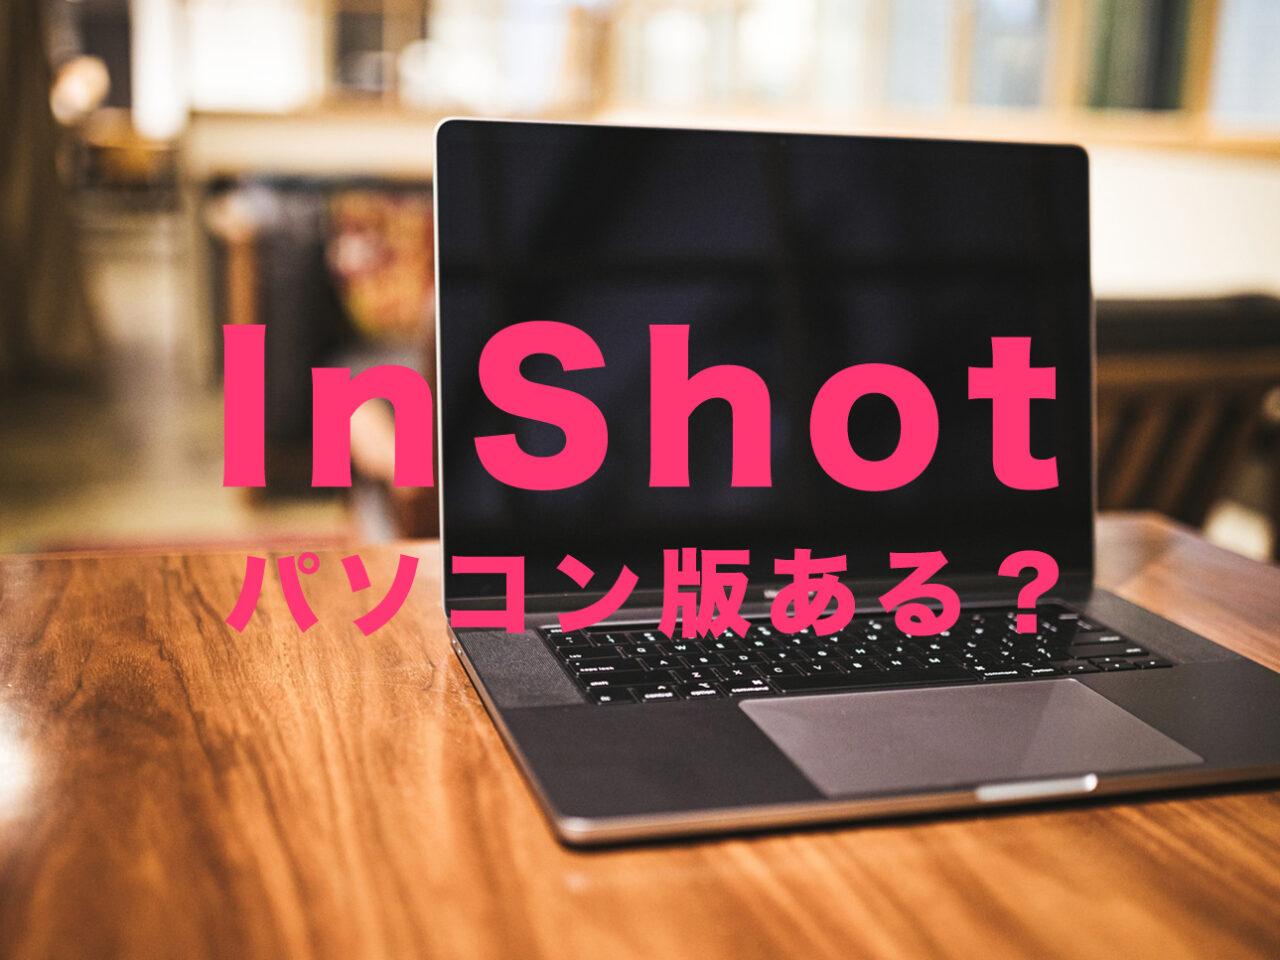 InShot(インショット)にパソコン版(PC用)はある?Windows&Macでダウンロードできる?のサムネイル画像